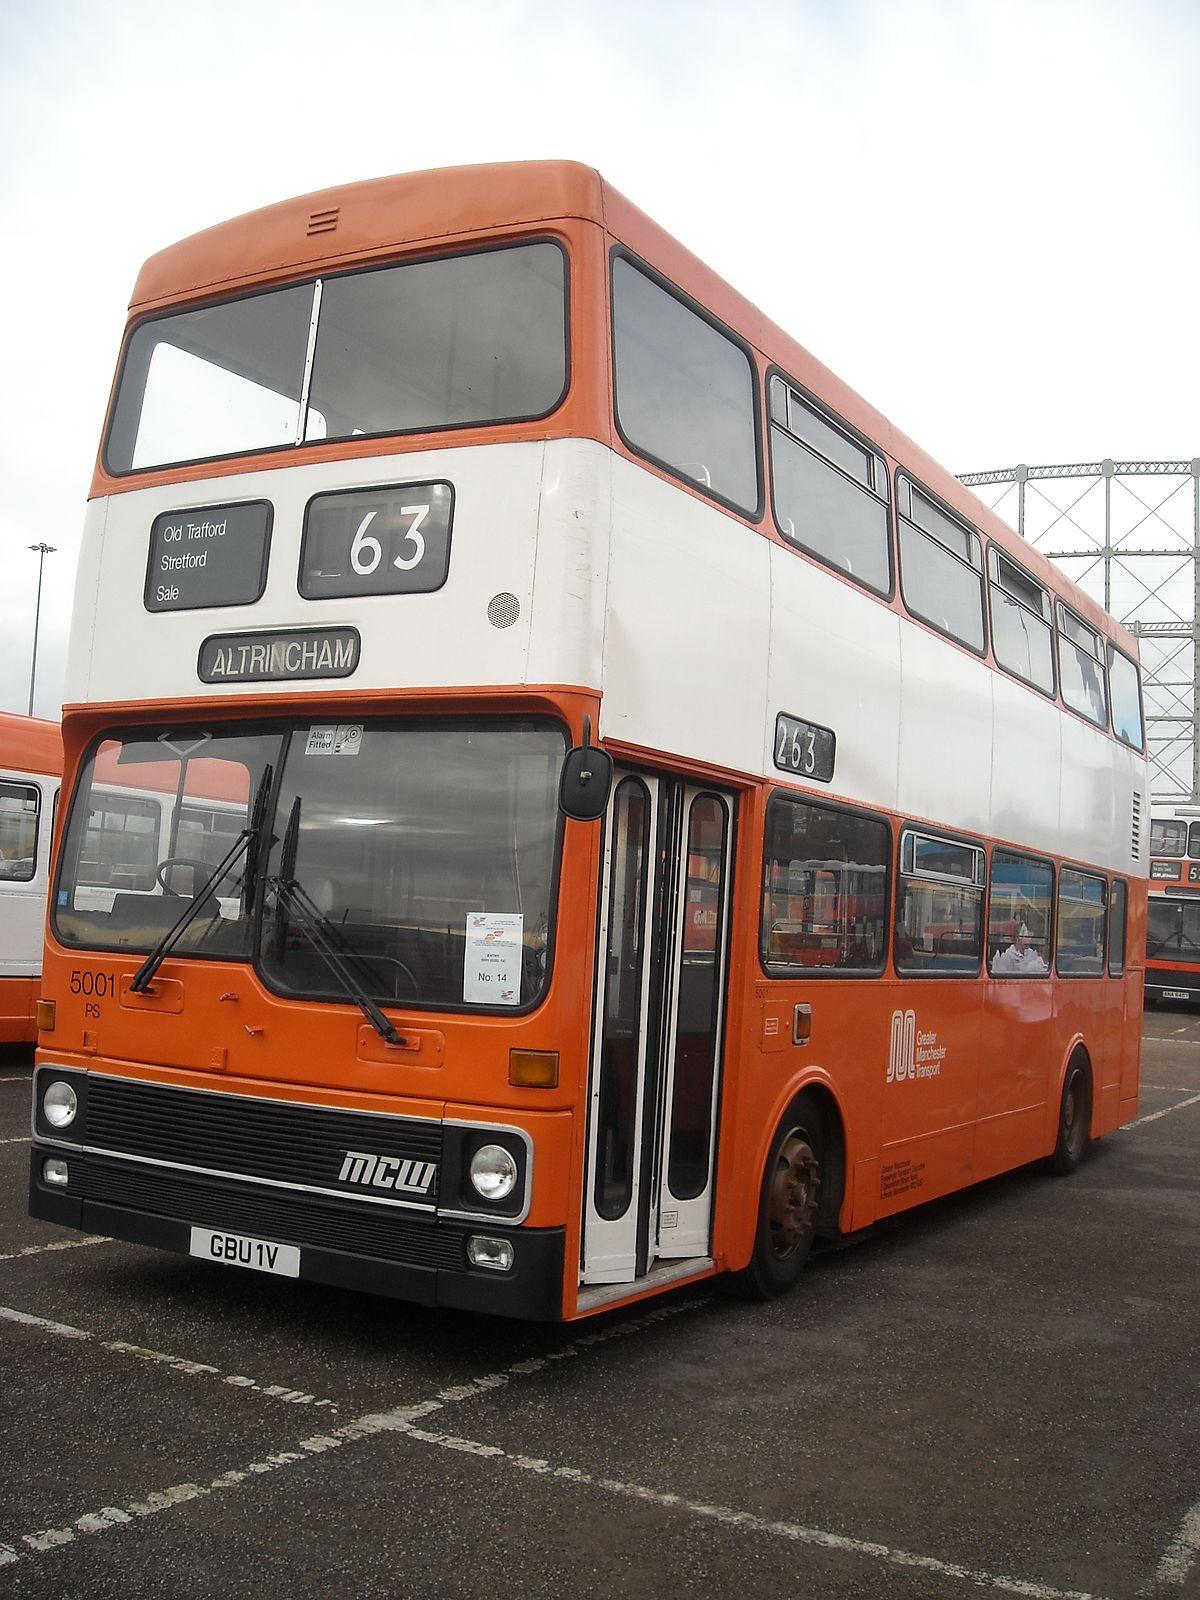 MCW Metrobus - Wikipedia